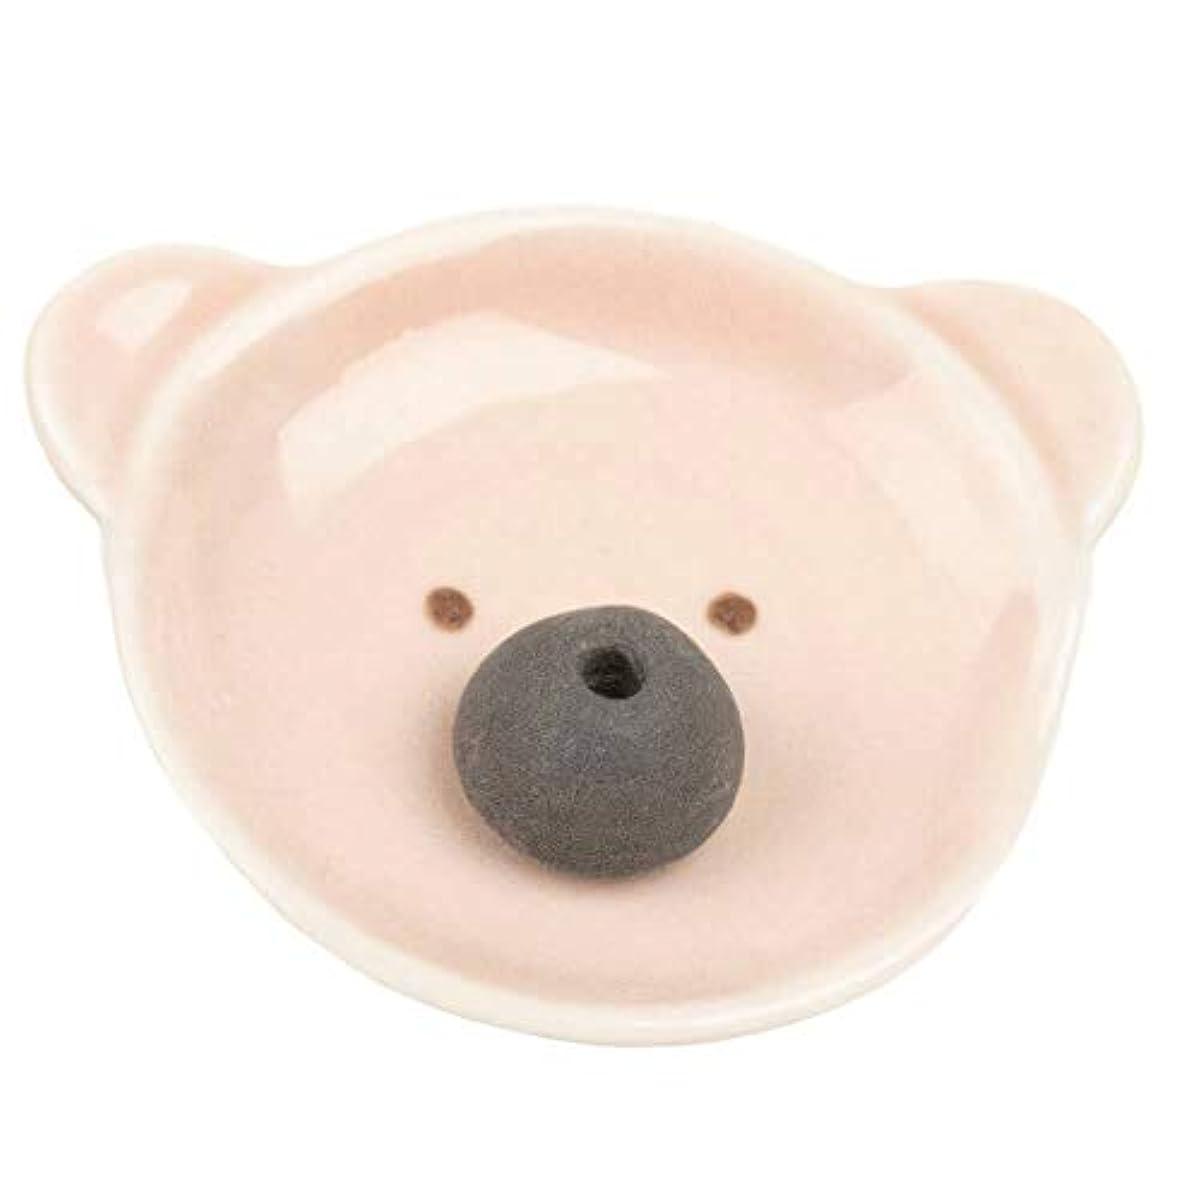 マウスピース姿を消す映画香皿 香立て/アニマル 香皿セット ぶた/香り アロマ 癒やし リラックス インテリア プレゼント 贈り物